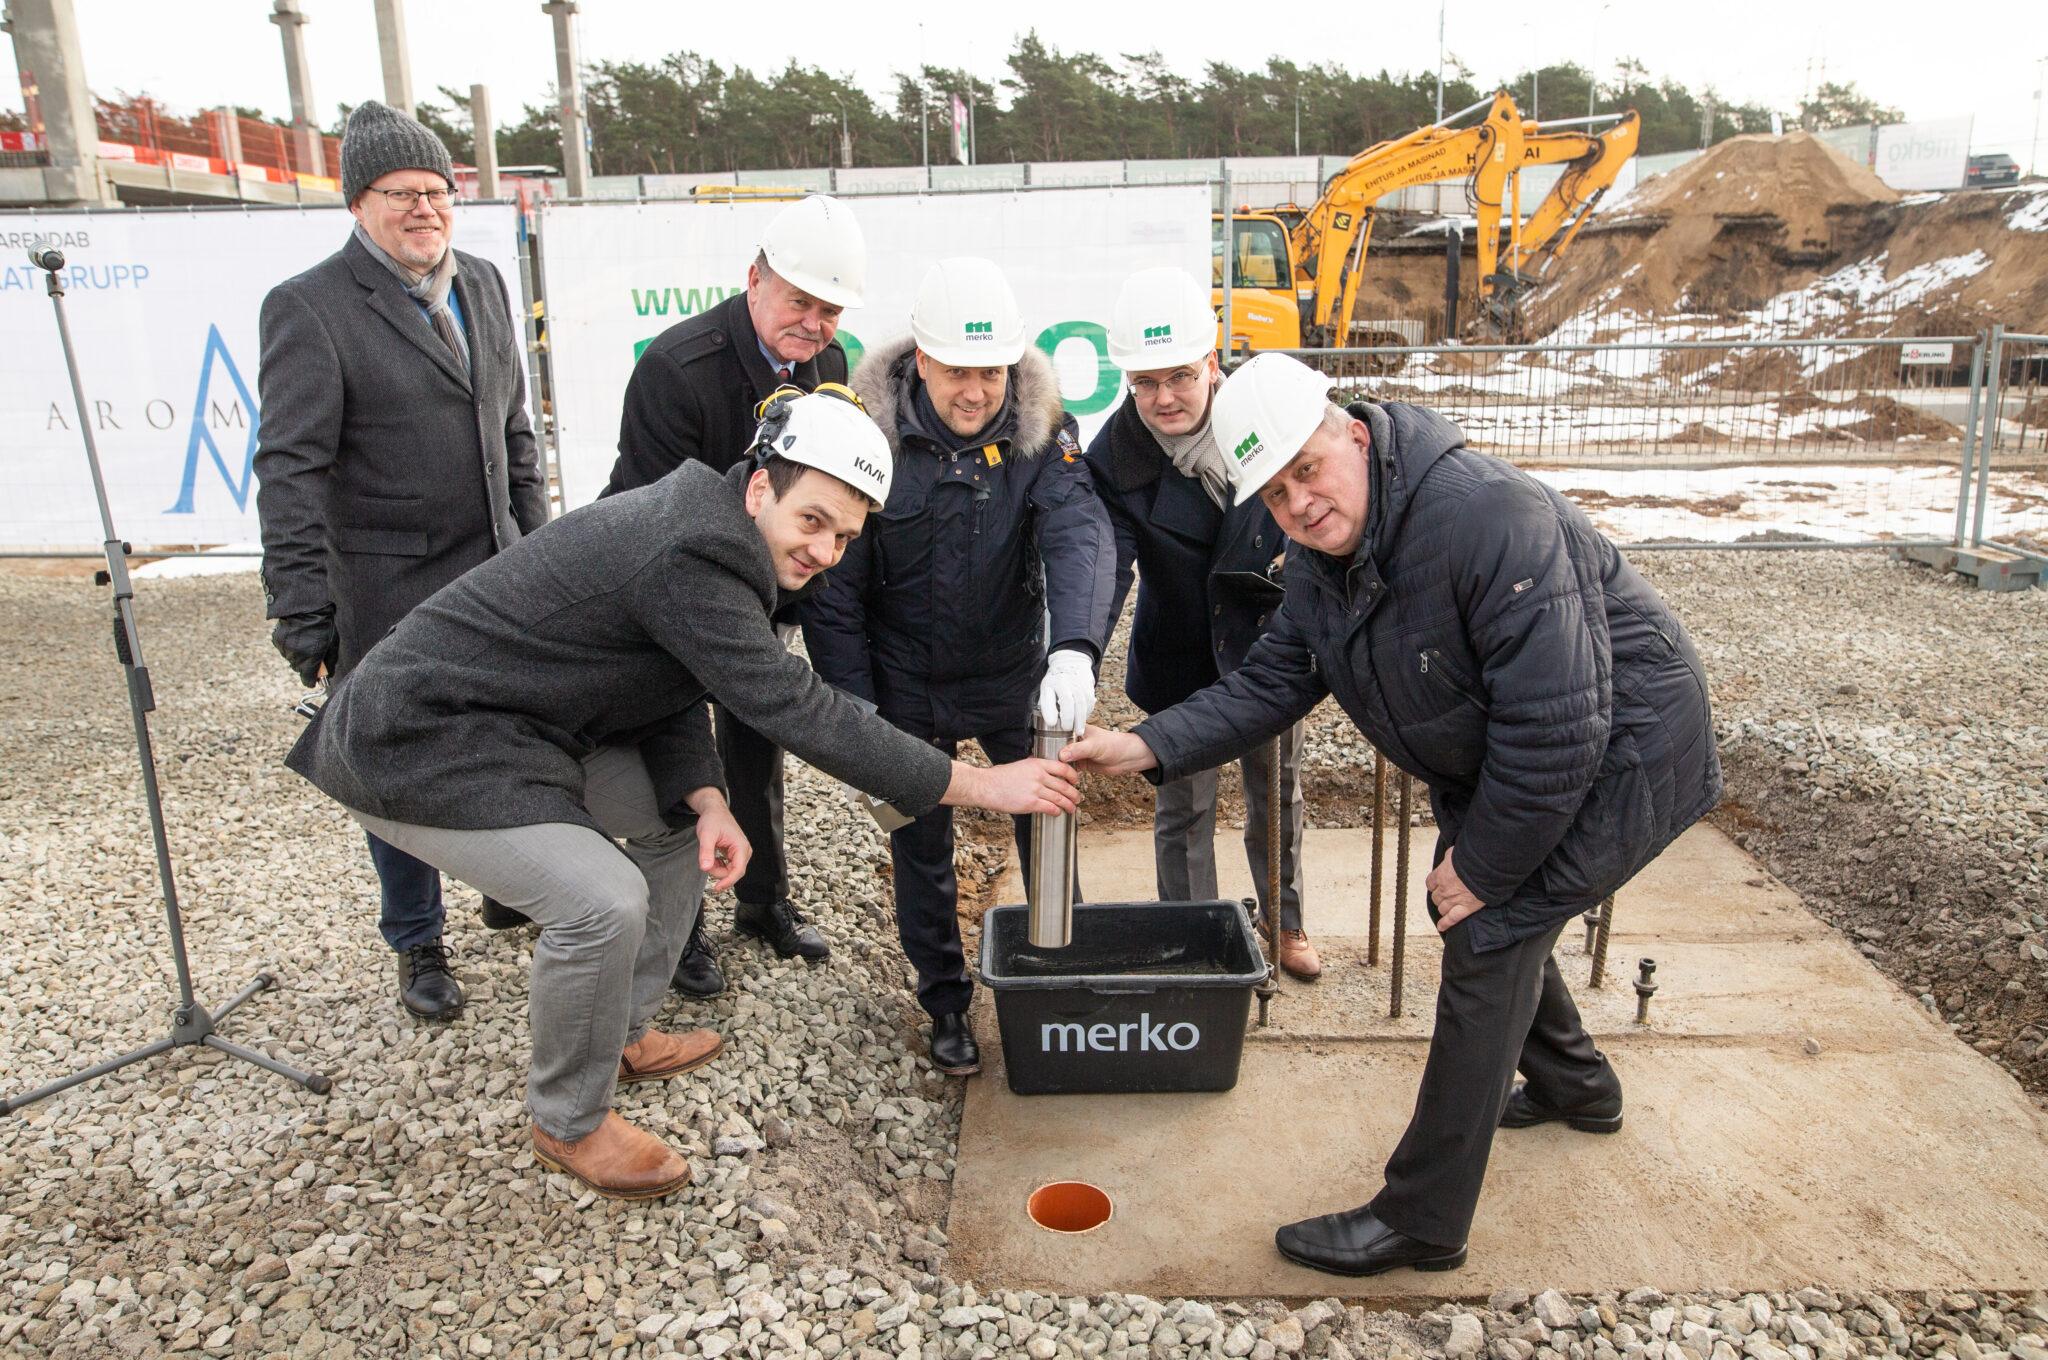 PRESSITEADE: Pärnu maantee kõige uuem ärimaja sai nurgakivi